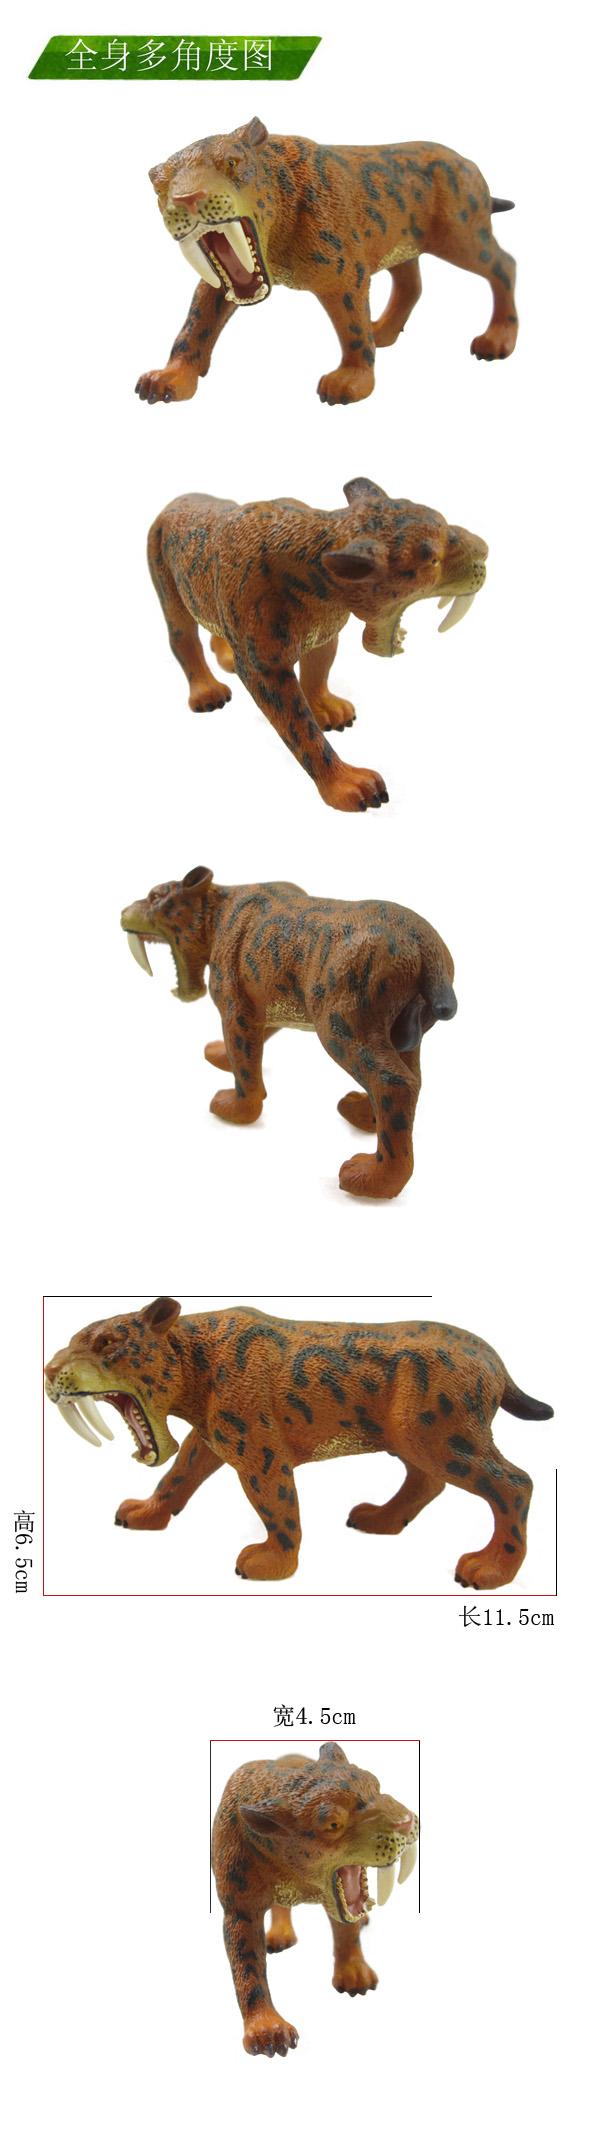 我你他)专业生产高质量动物模型,产品超过400种,种类包括远到史前的